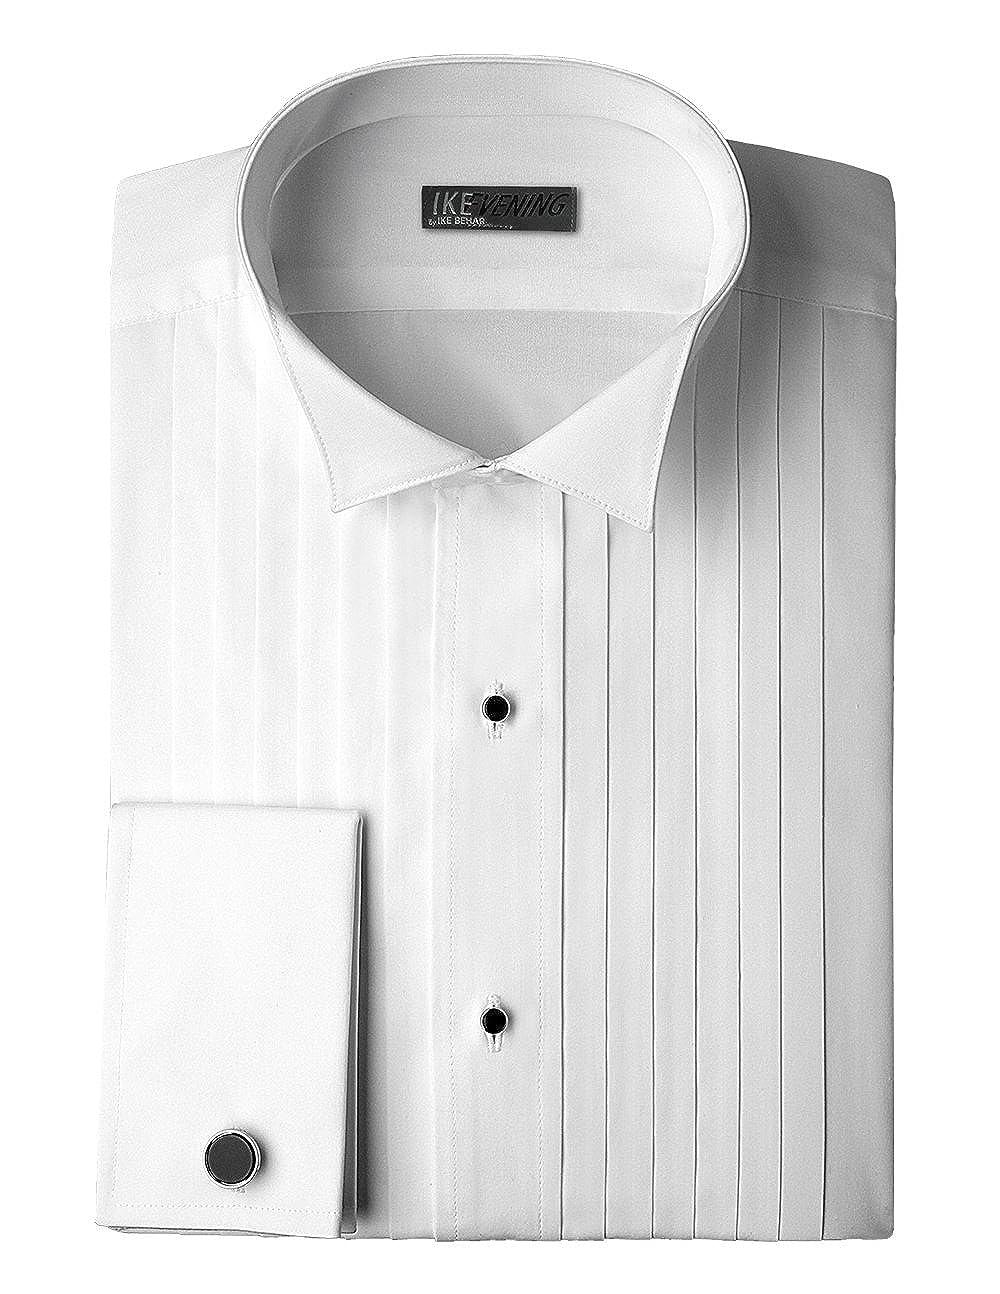 Ike Behar 100% Woven Cotton Tuxedo Shirt with French Cuffs